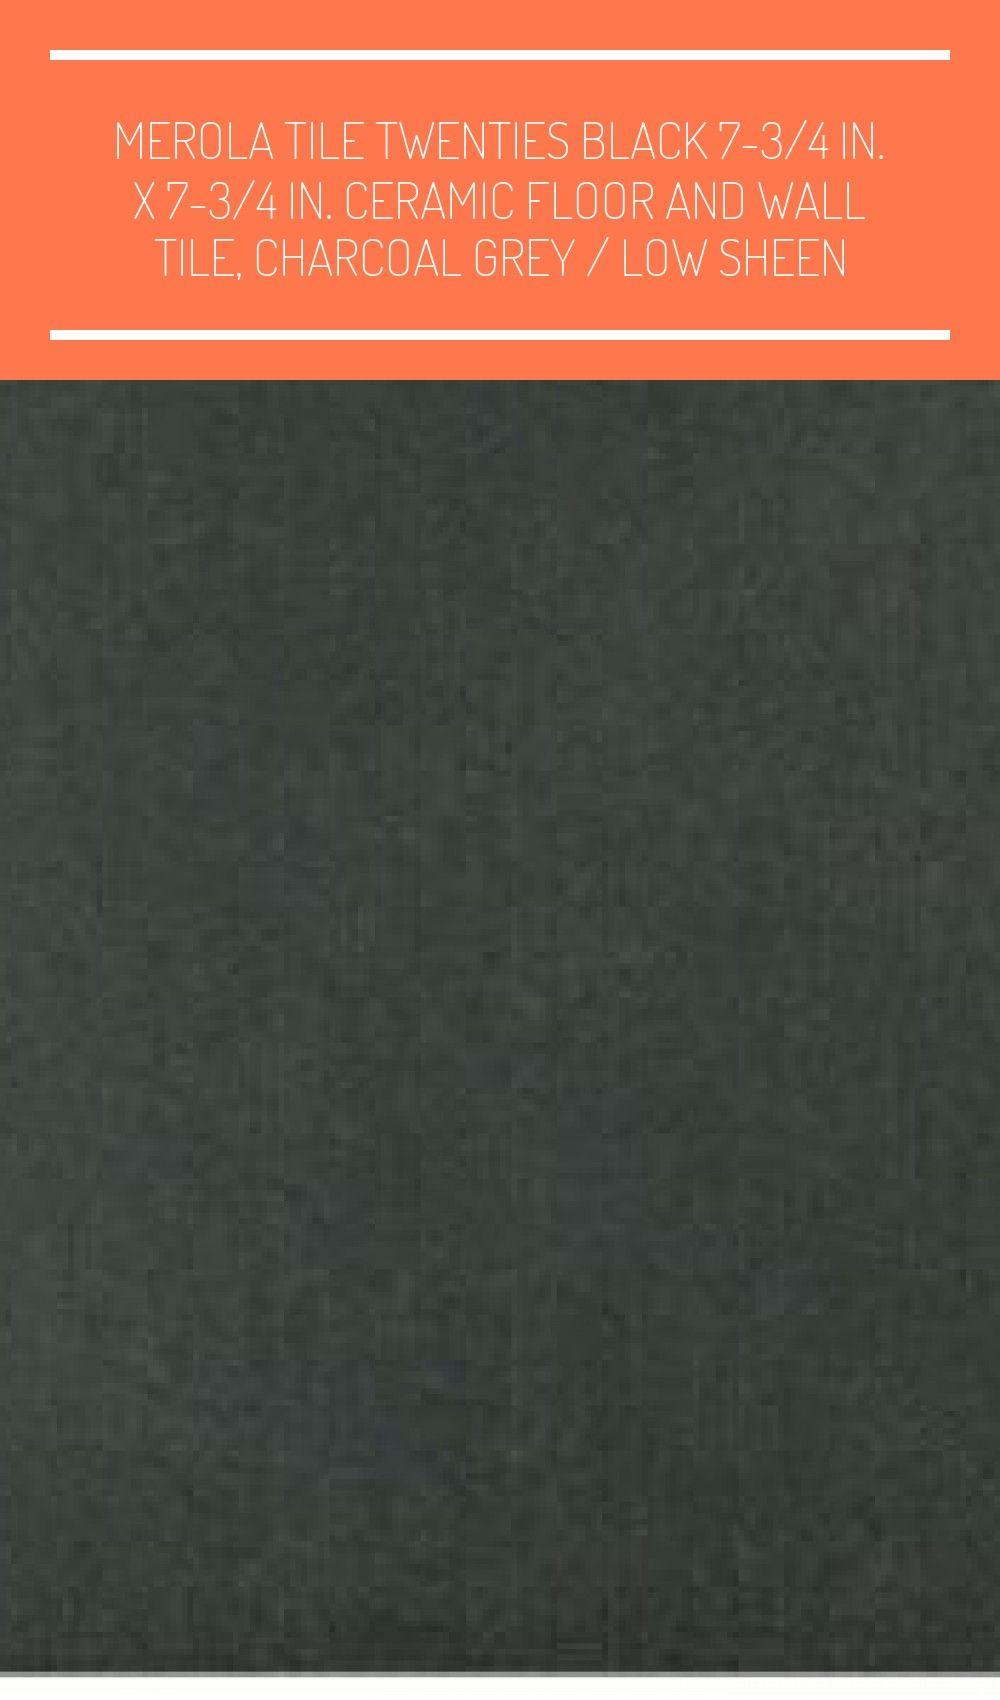 Photo of Merola Tile Twenties Black 7-3/4 in. x 7-3/4 in. Ceramic Floor an